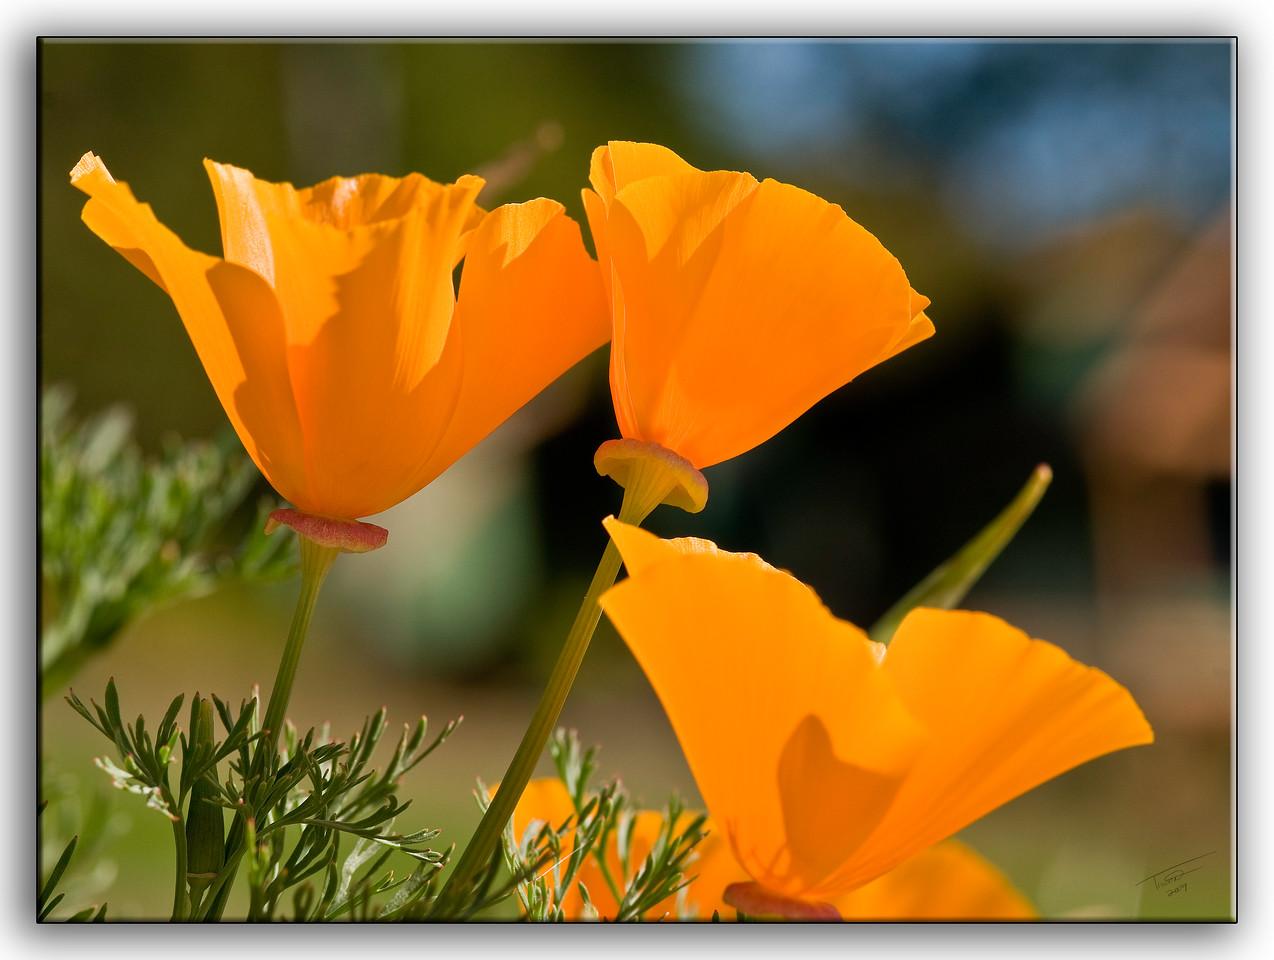 poppies6399